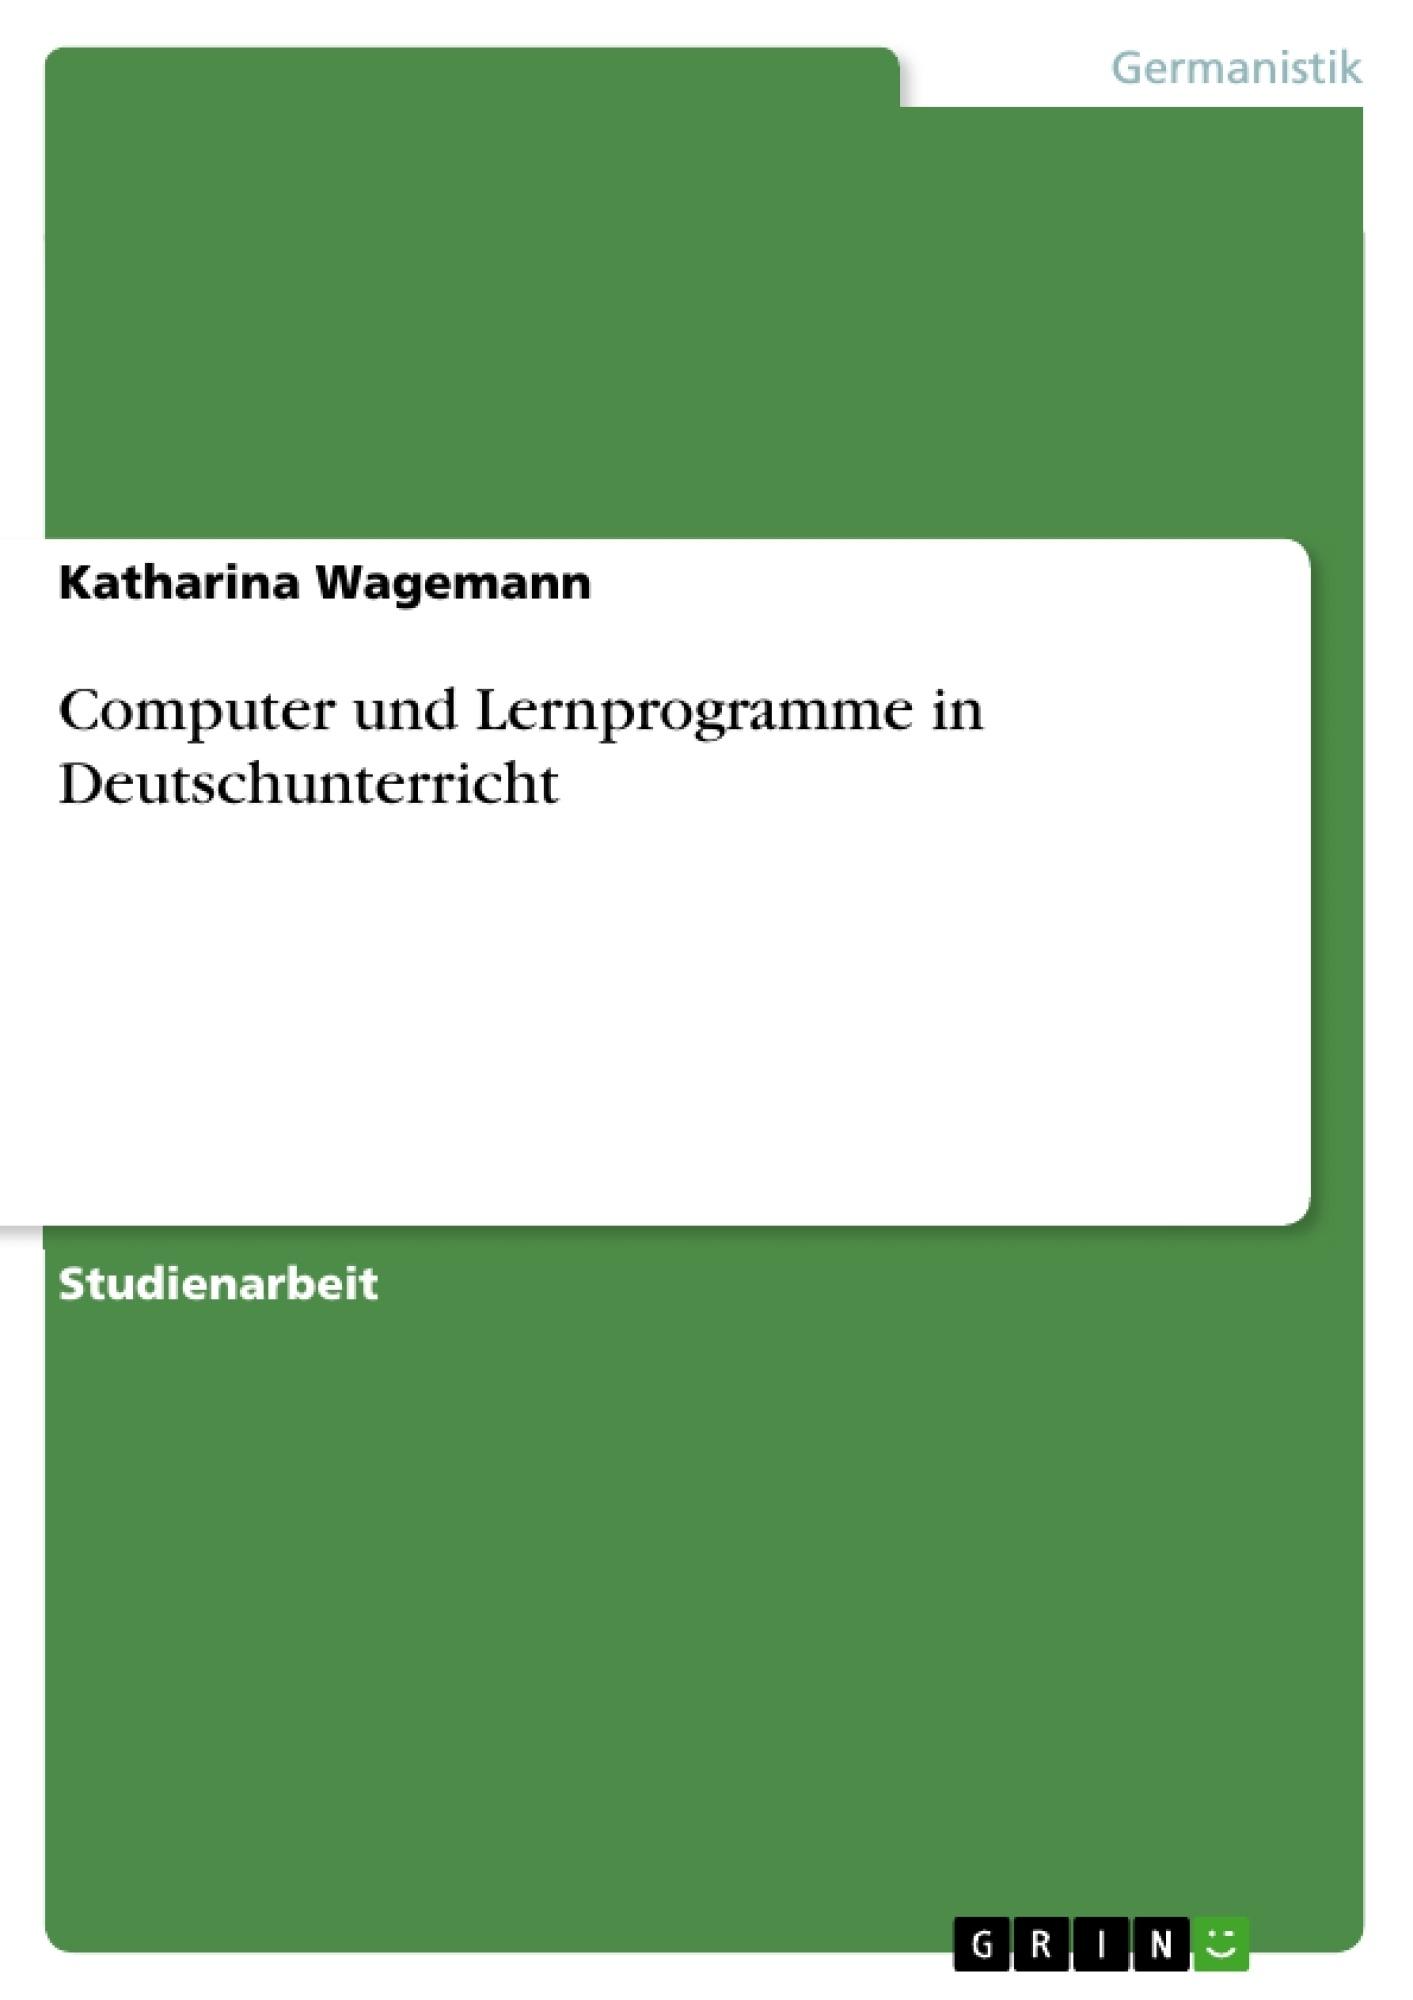 Titel: Computer und Lernprogramme in Deutschunterricht